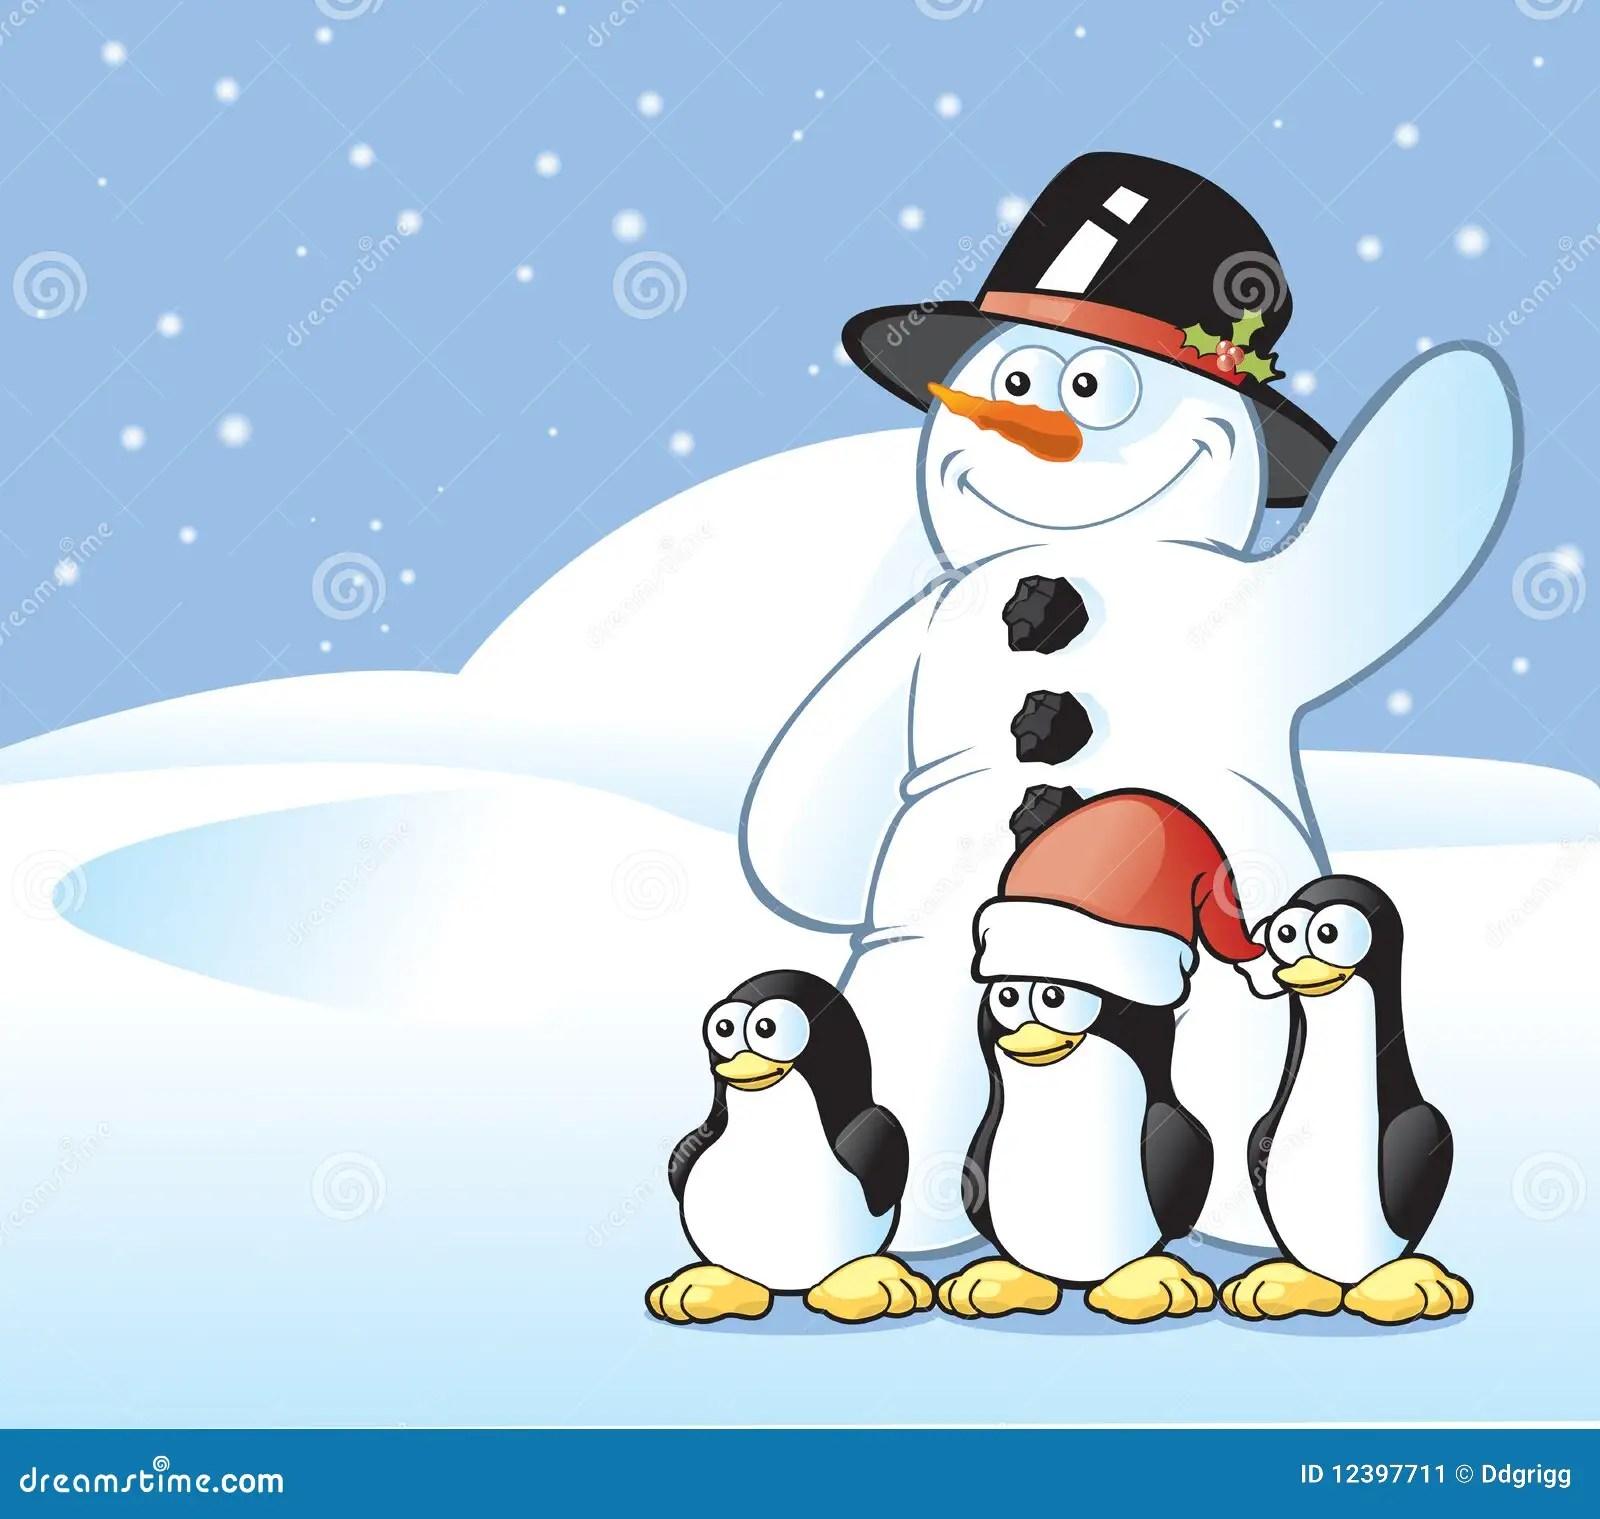 Merry Christmas Penguin Clip Art